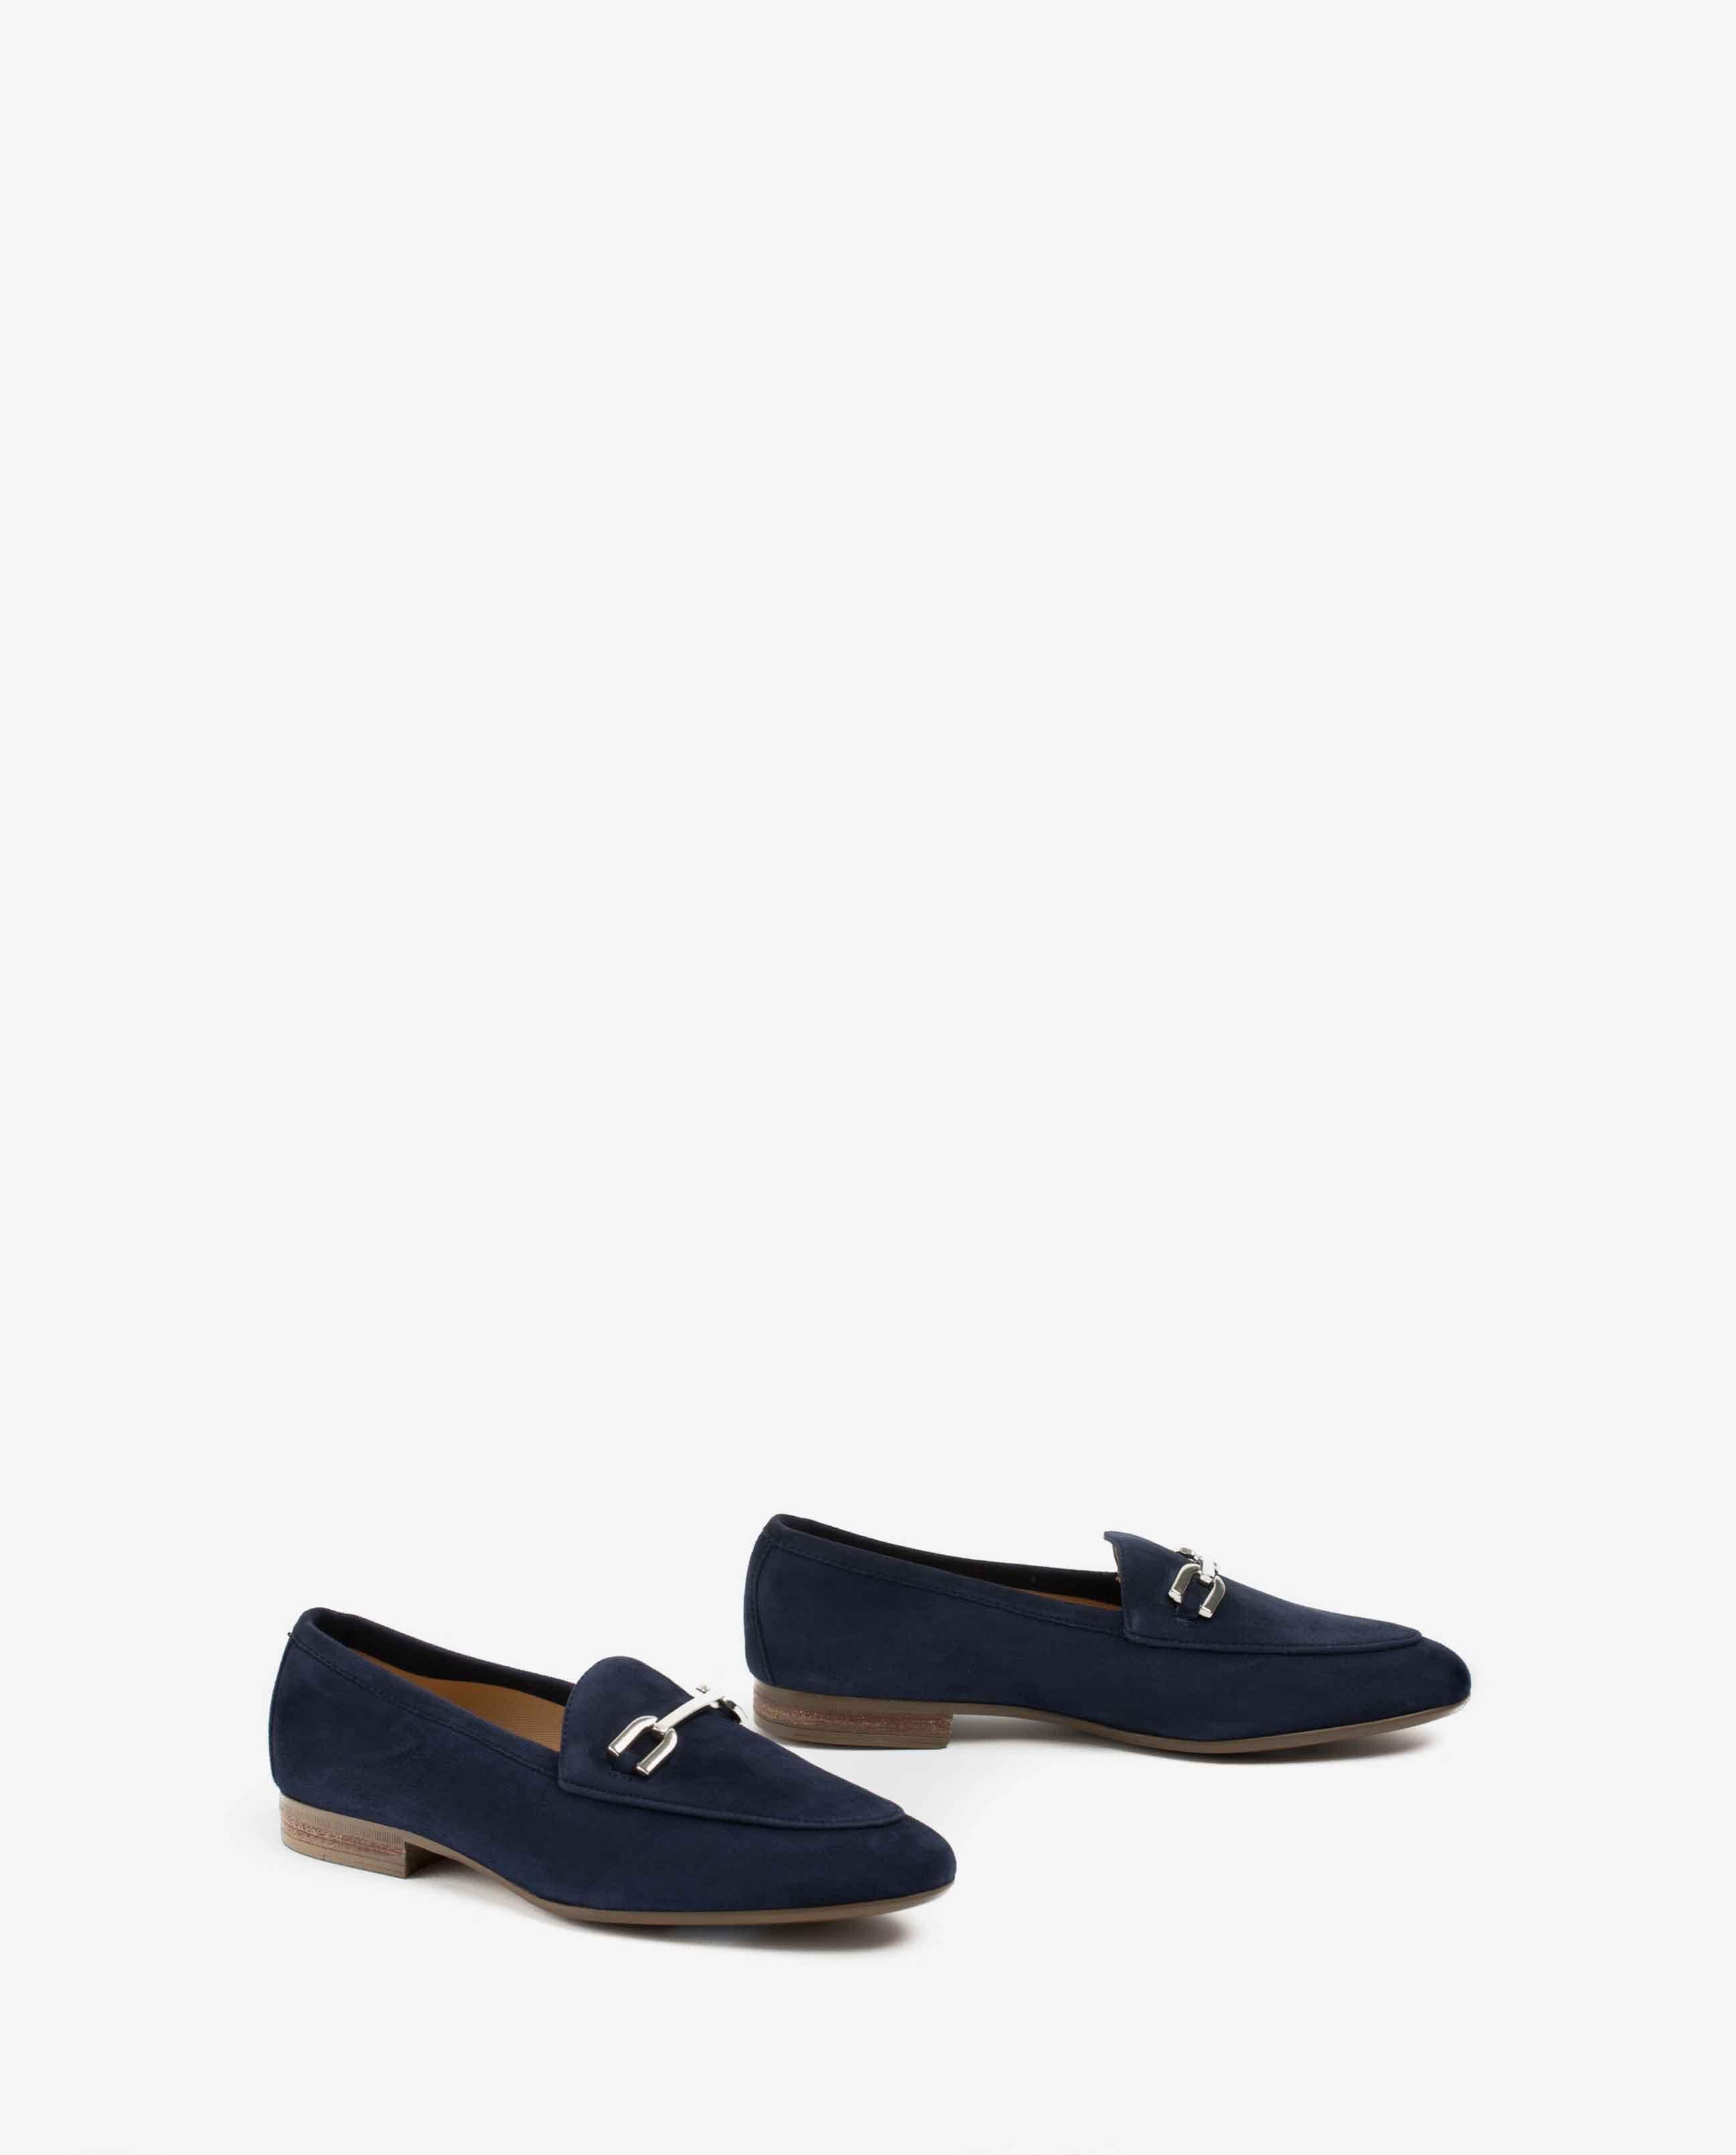 UNISA Kid suede loafers DALCY_KS ocean 2